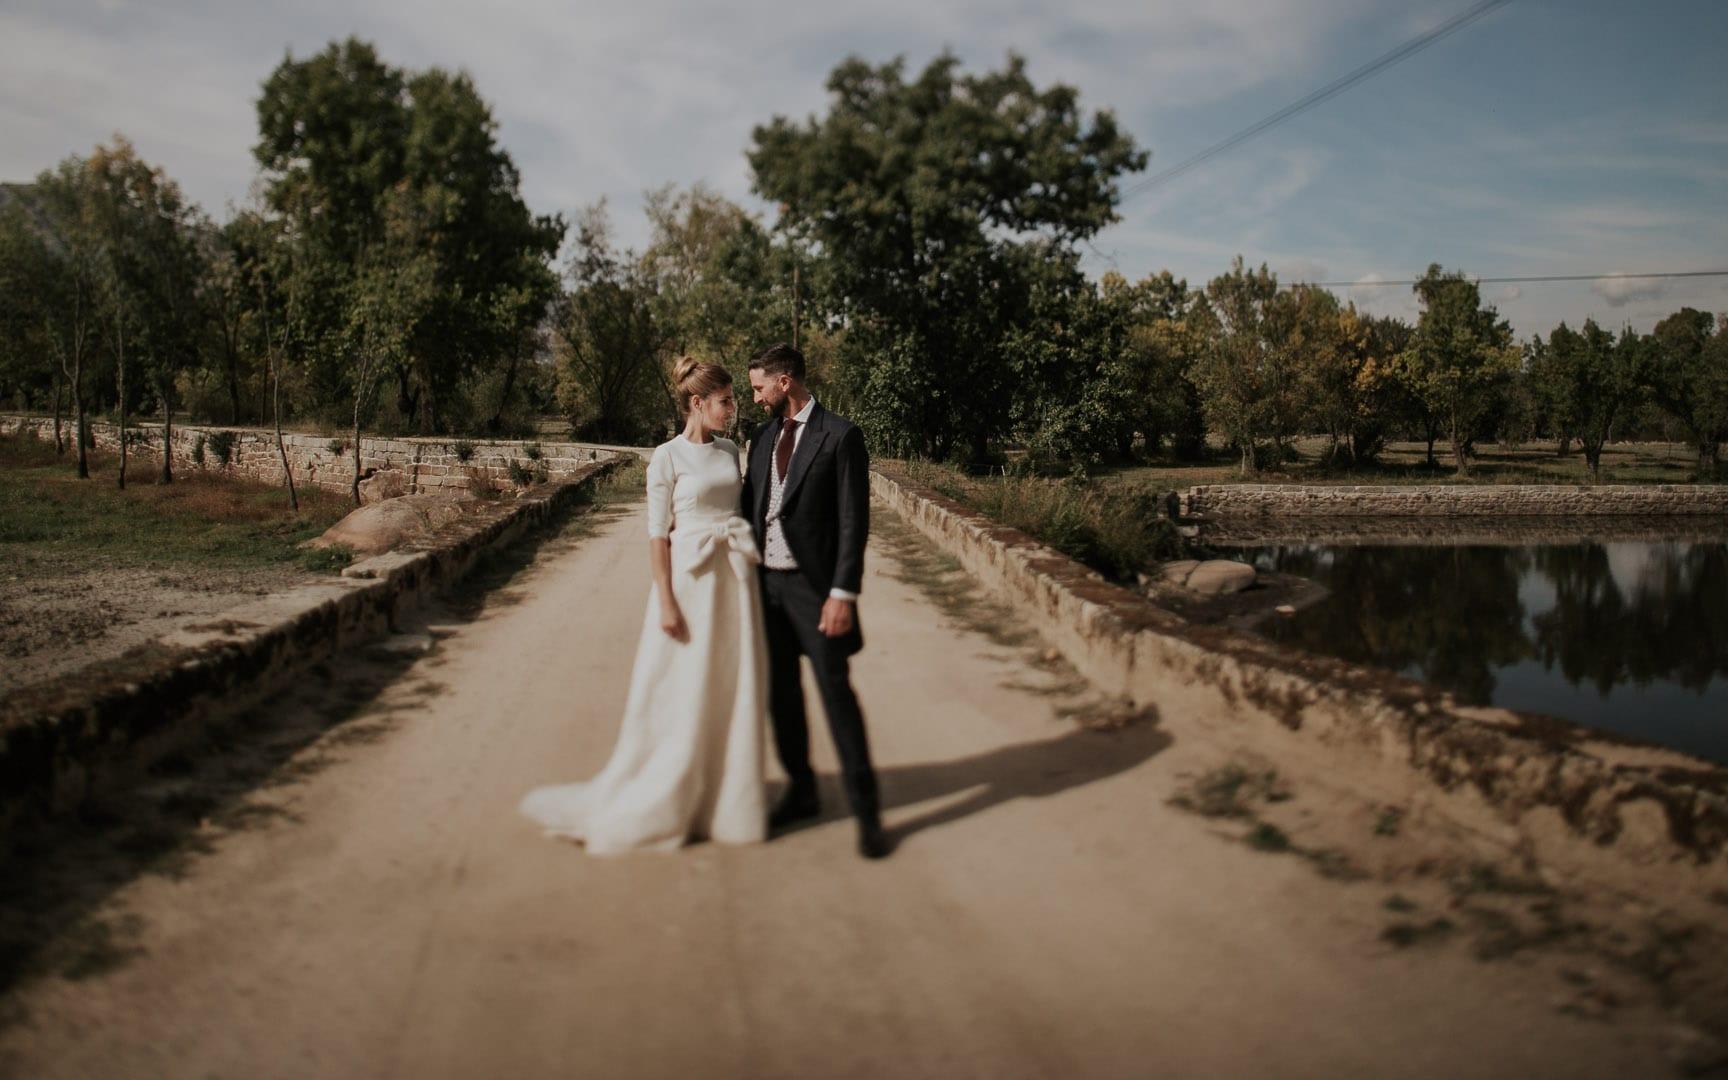 Vídeo de boda en Valladolid Vídeo de boda en Madrid Vídeo de boda en España, Vídeo de boda en Europa. Wedding Videography in Spain and Worldwide.